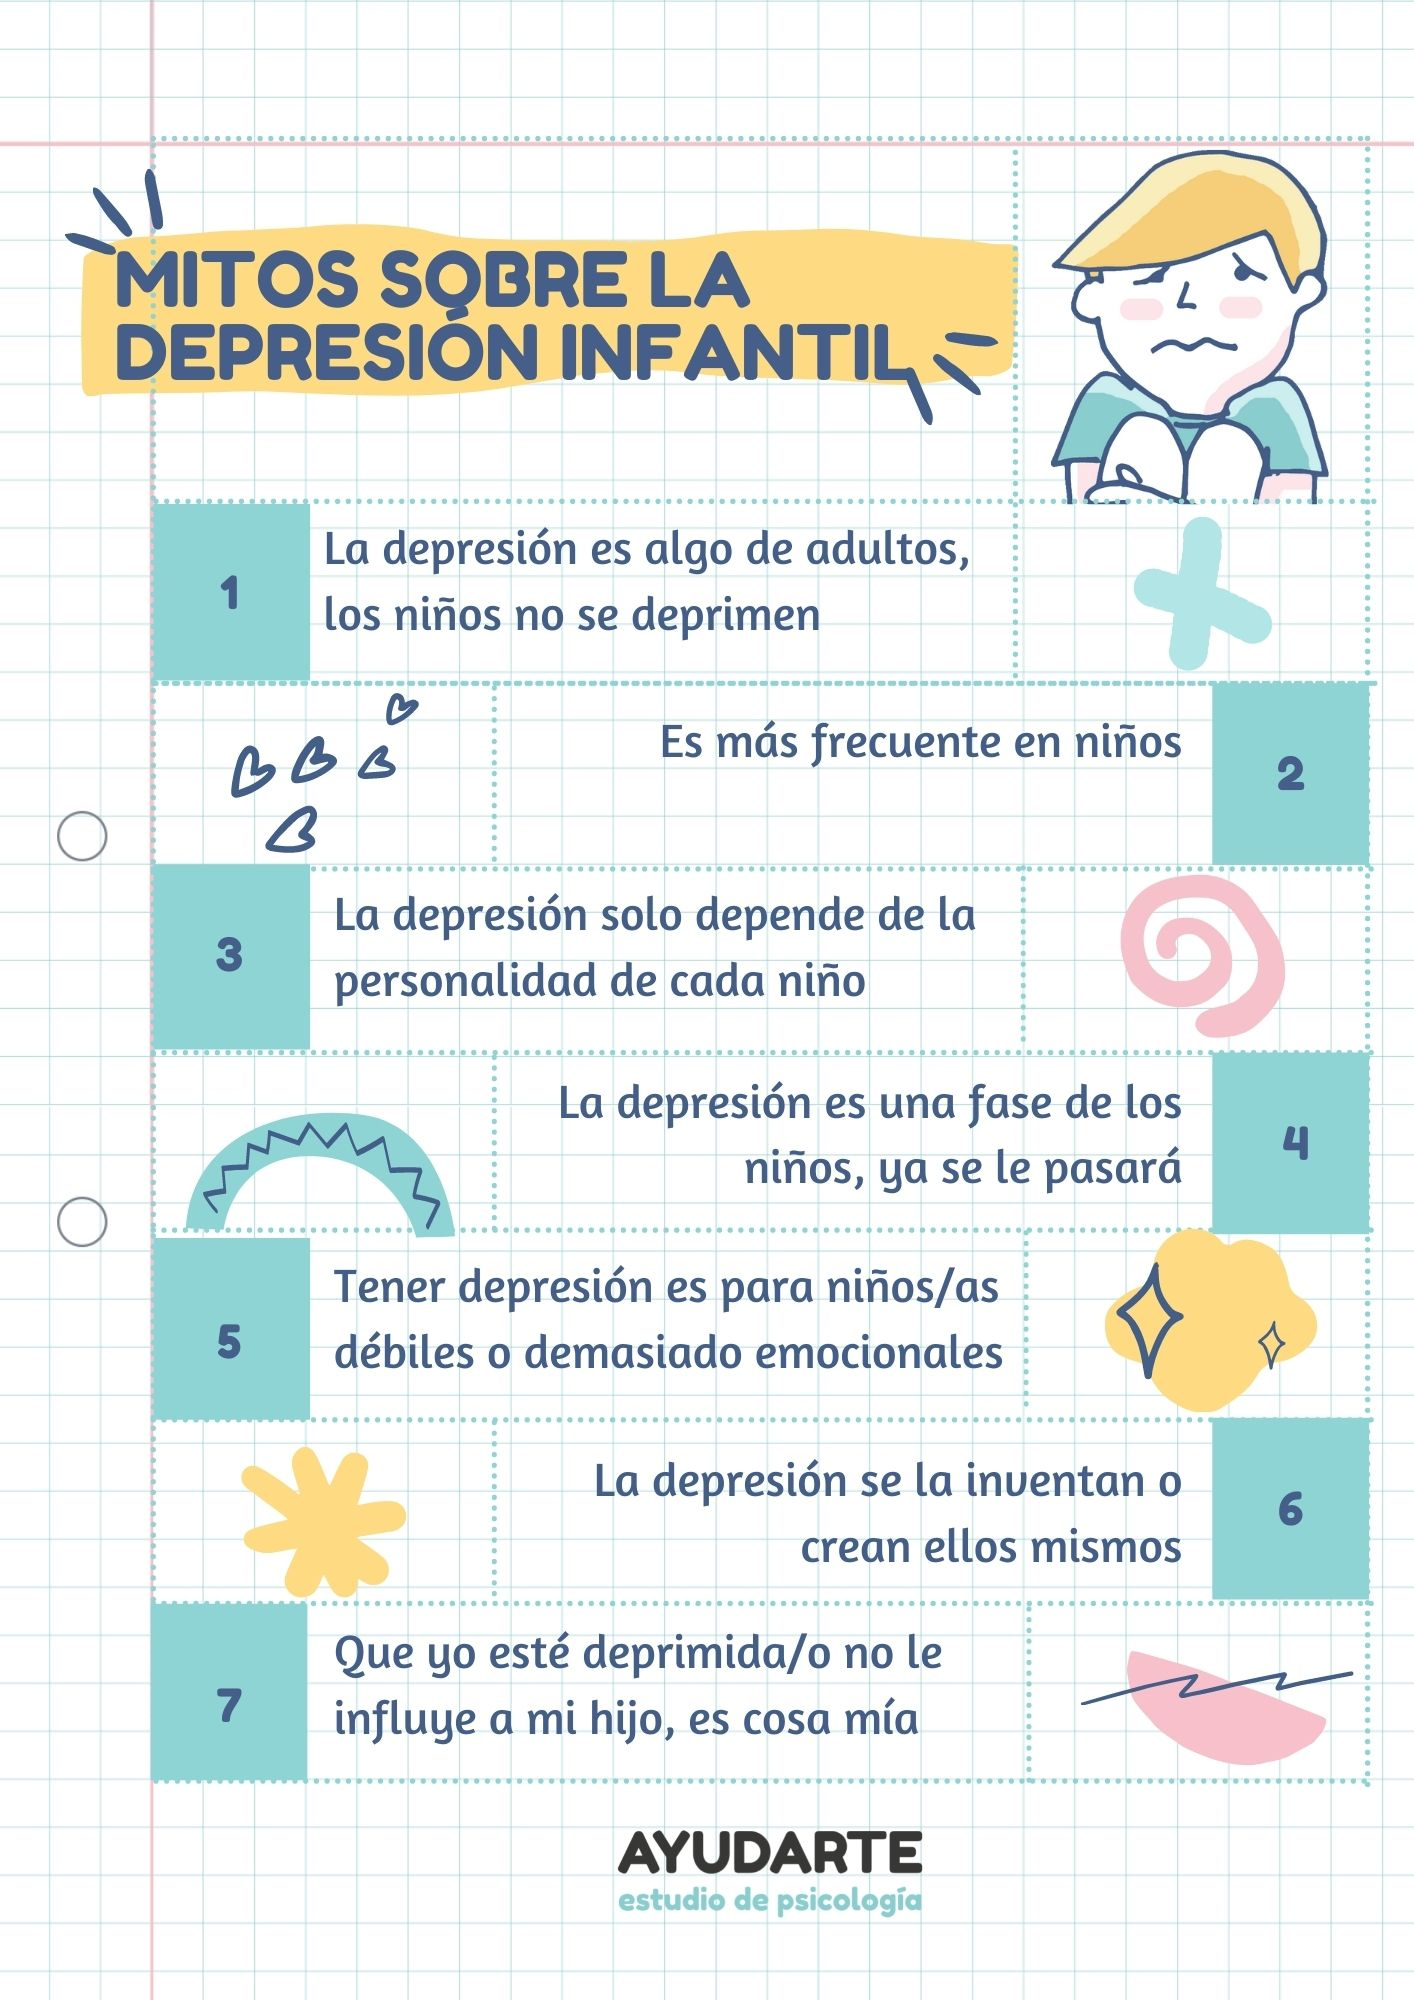 depresión mitos y realidades en niños